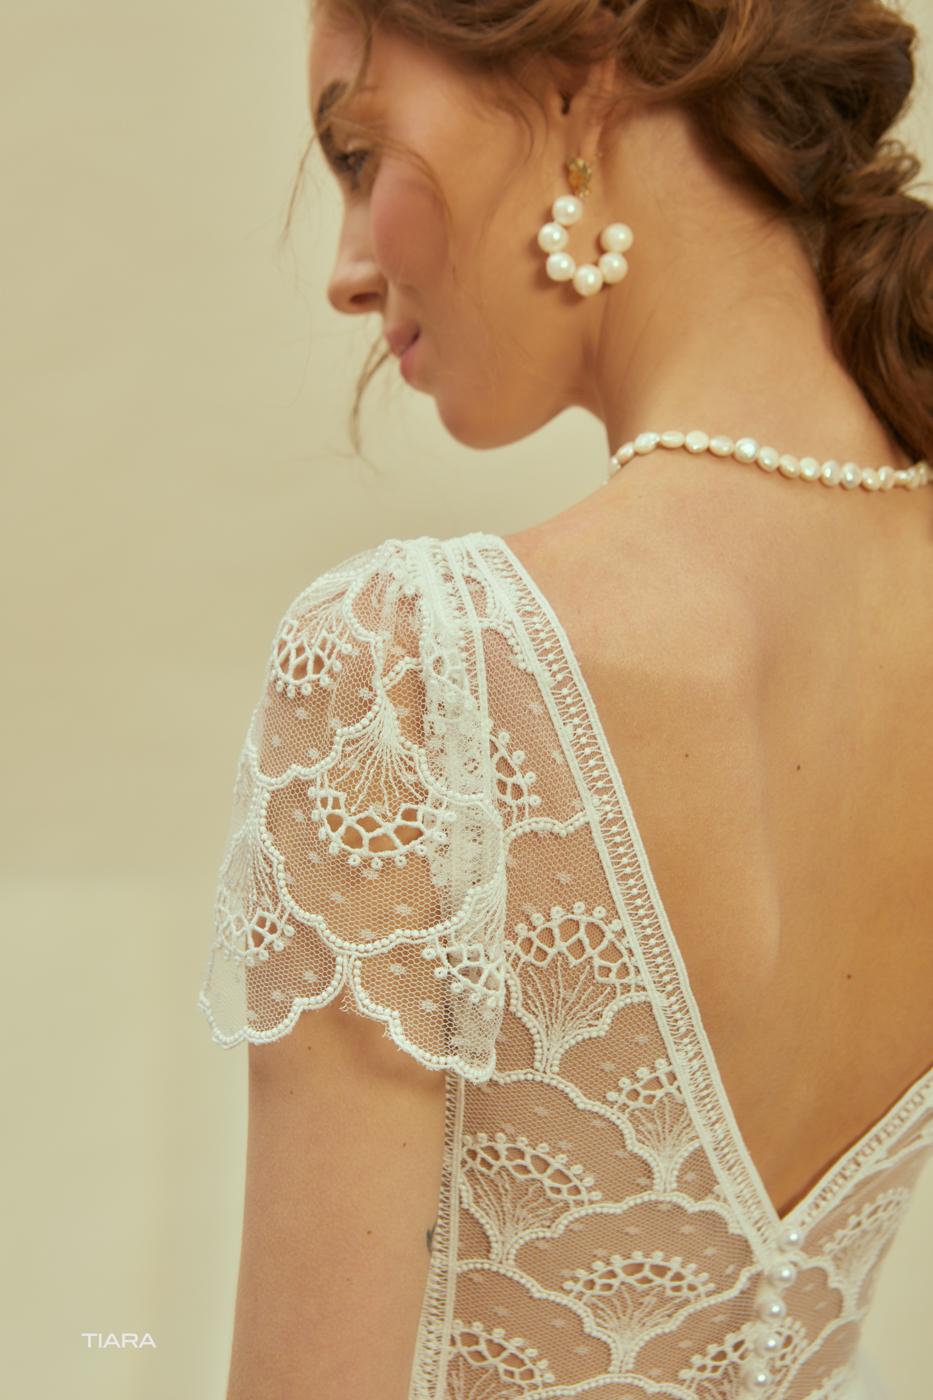 außergewöhnliches Brautkleid tolle Spitze Bohemian Bride Weddingdress T Shirt Ärmel mylovely